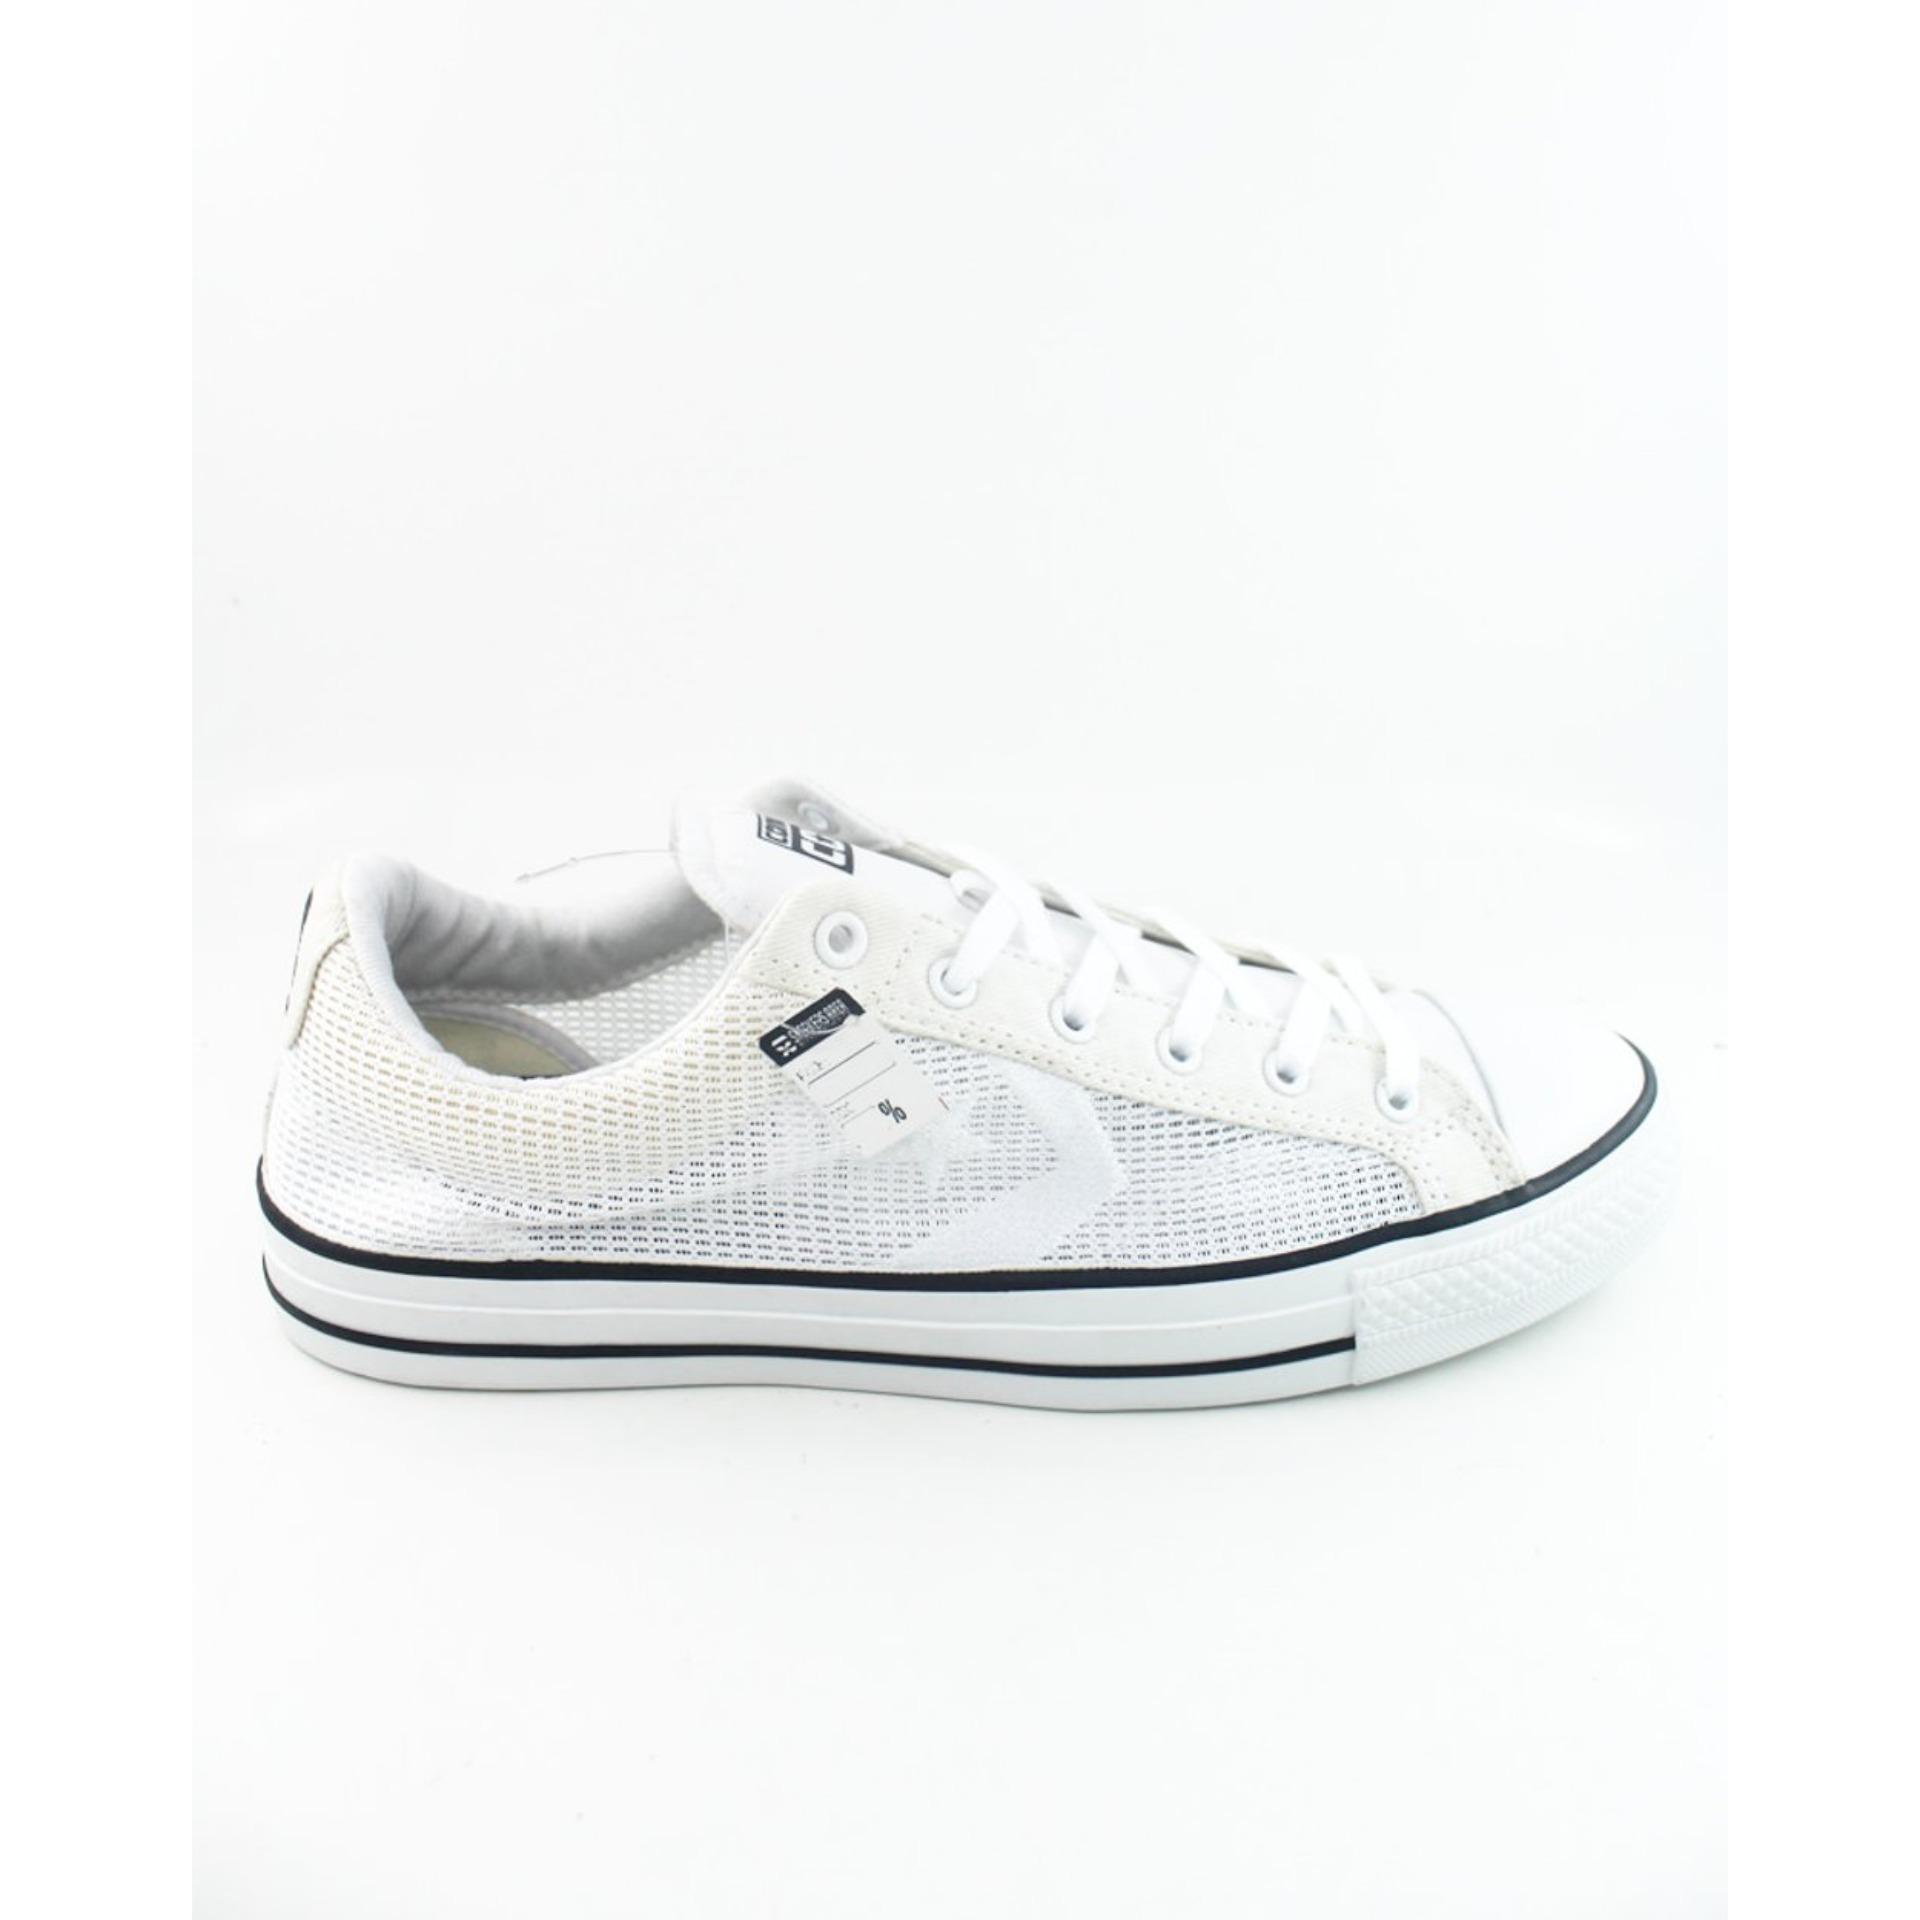 Converse Cons Star Player OX True  Sepatu Sneakers Pria